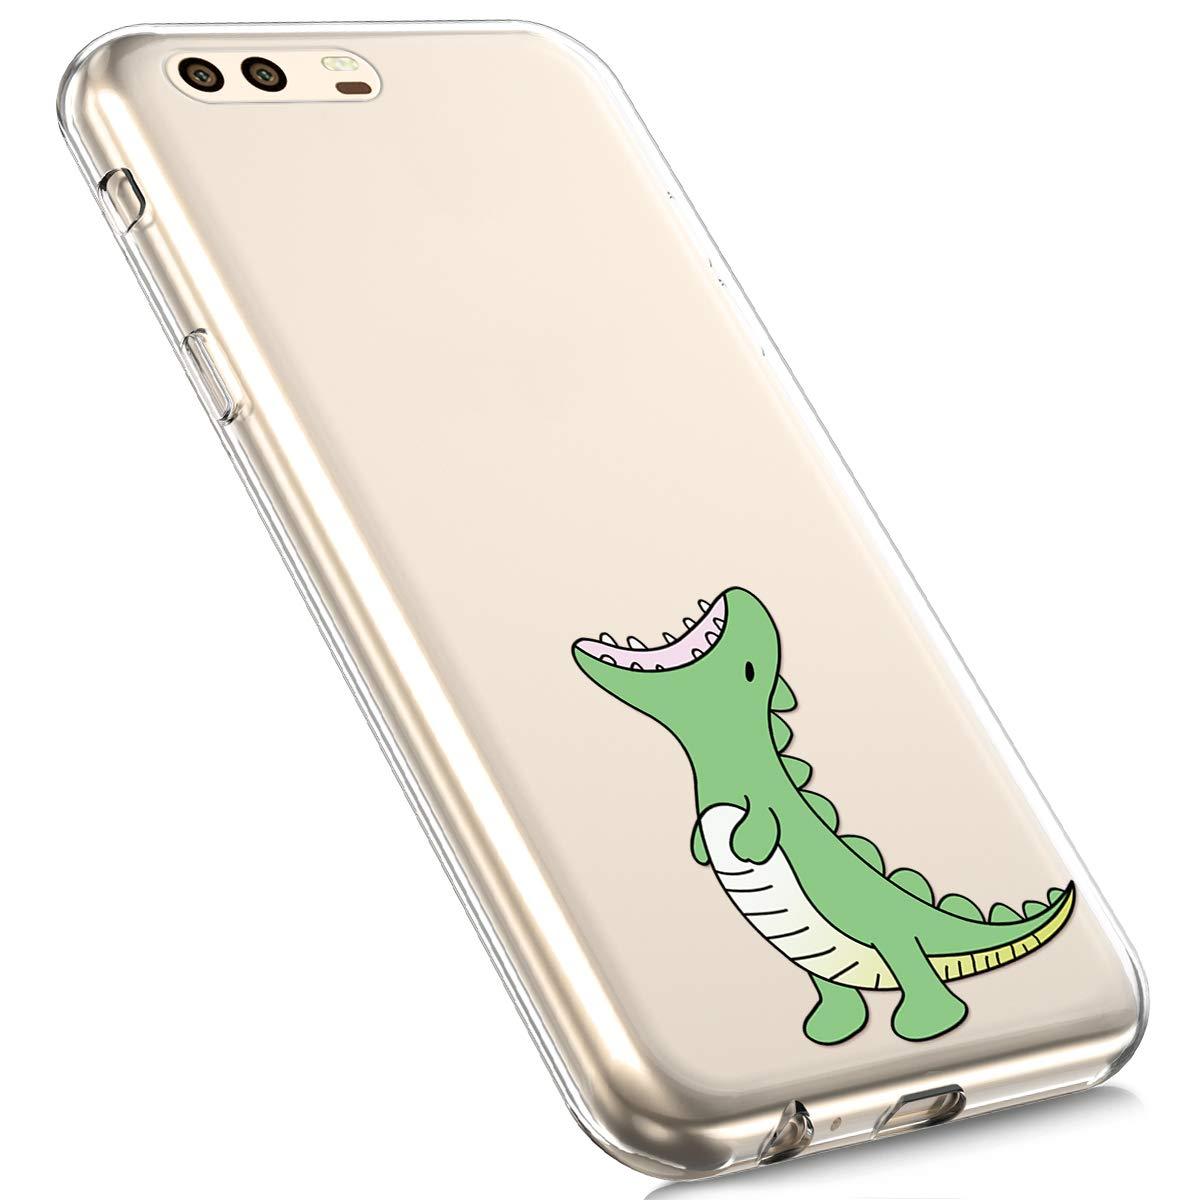 Funda Compatible con Huawei P10 Plus Carcasa Transparente Silicona,Ultra-Delgado Fina Suave Anti-ara/ñazos Crystal Clear Silicona TPU Cover 3D Pintado Patr/ón Slim Case.Elefante